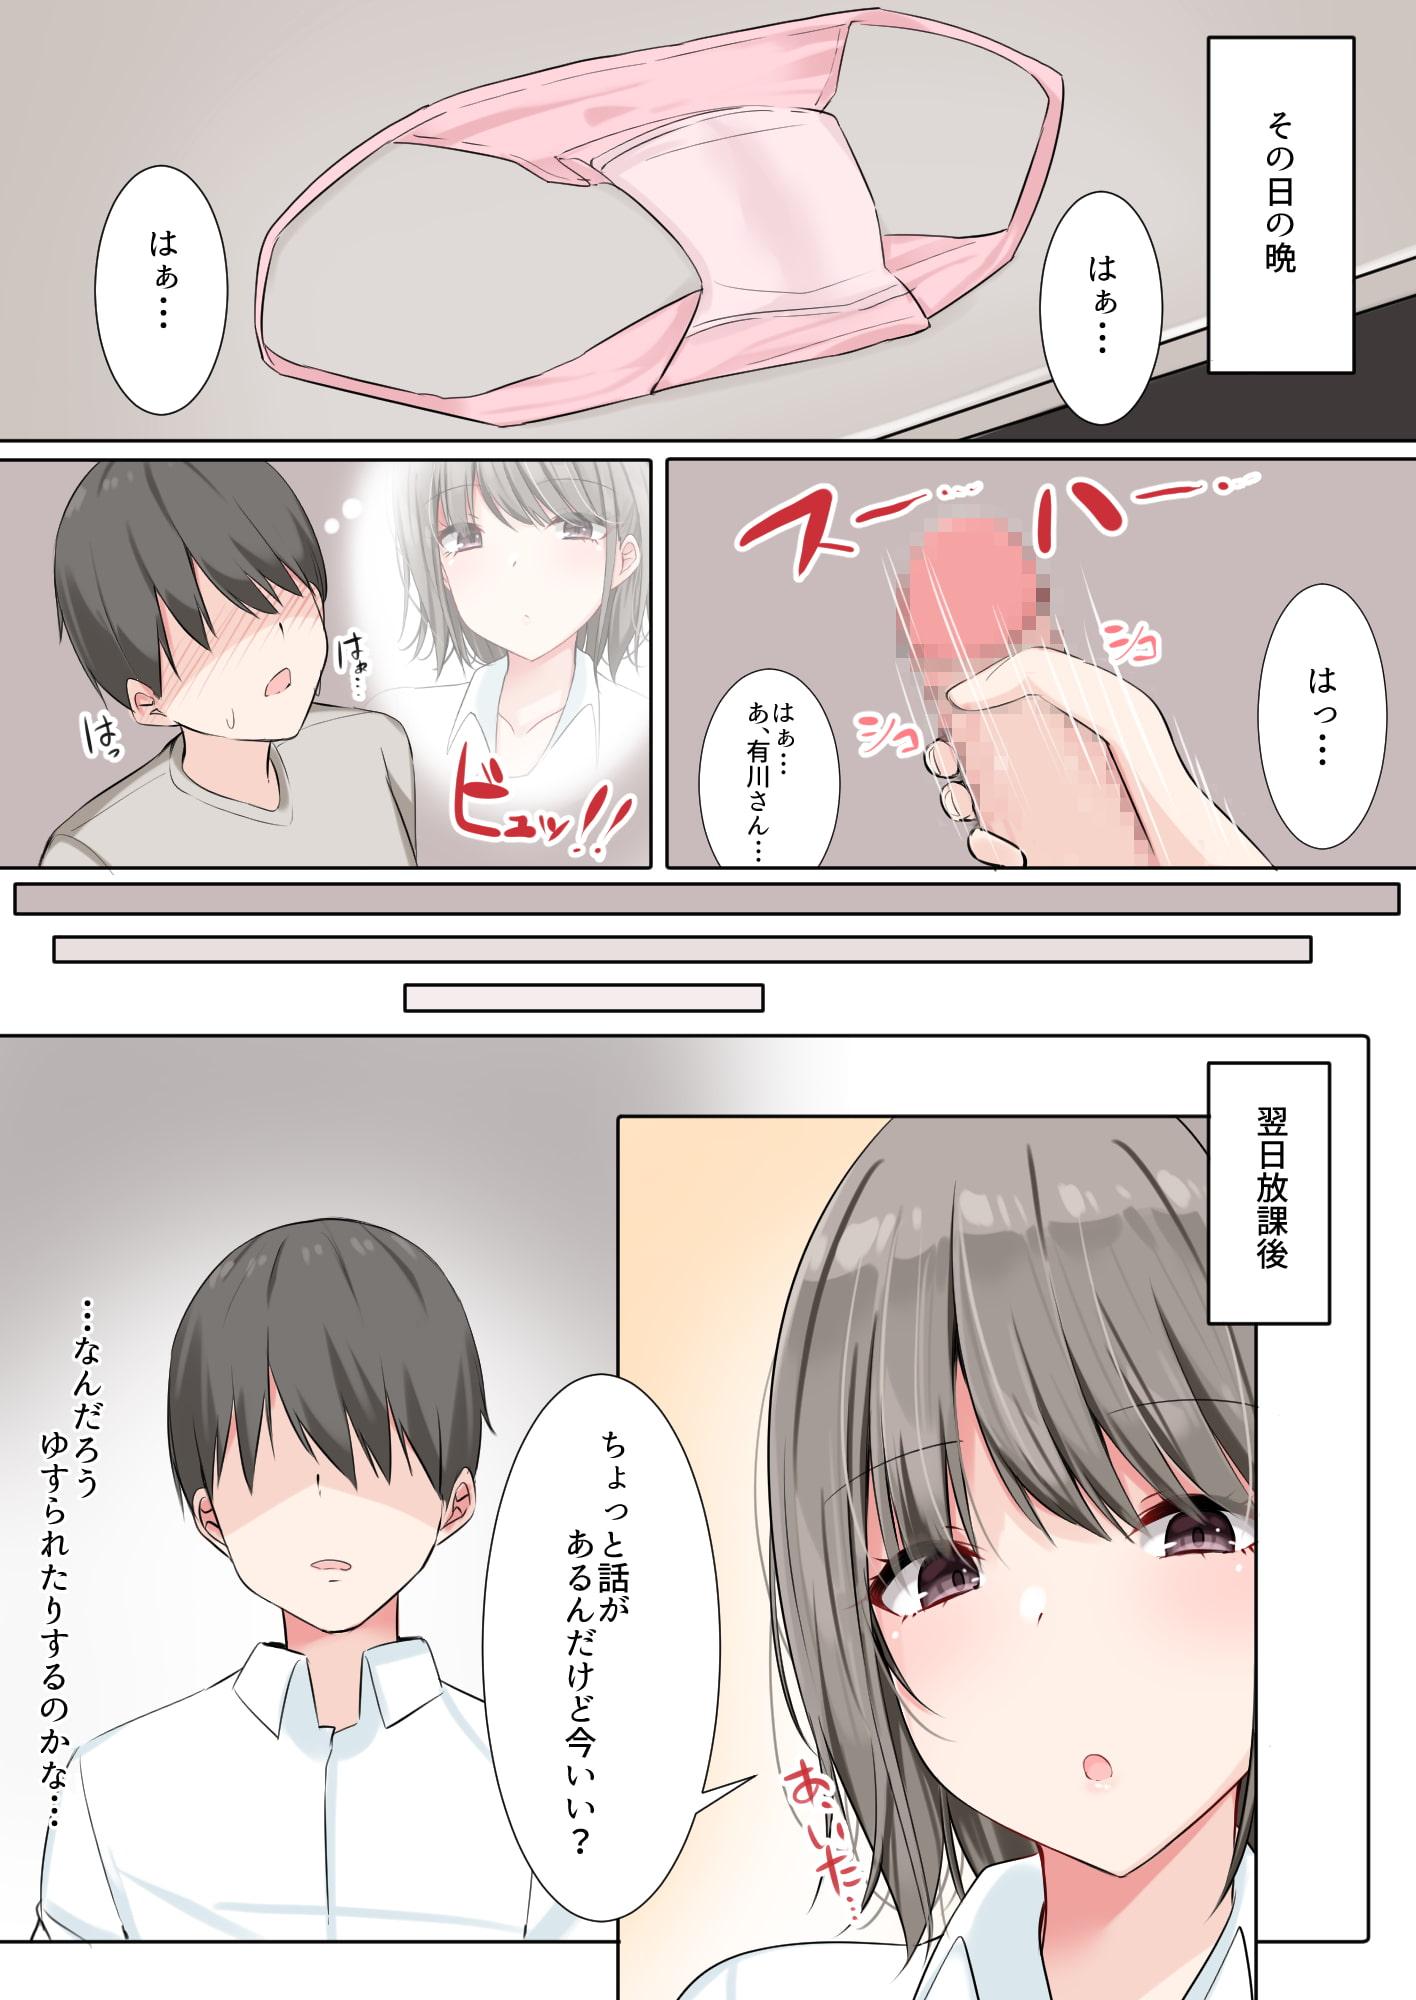 RJ335662 好きな女子の下着を買ったら1日1万円で好きなだけエッチさせてくれました。 [20210719]